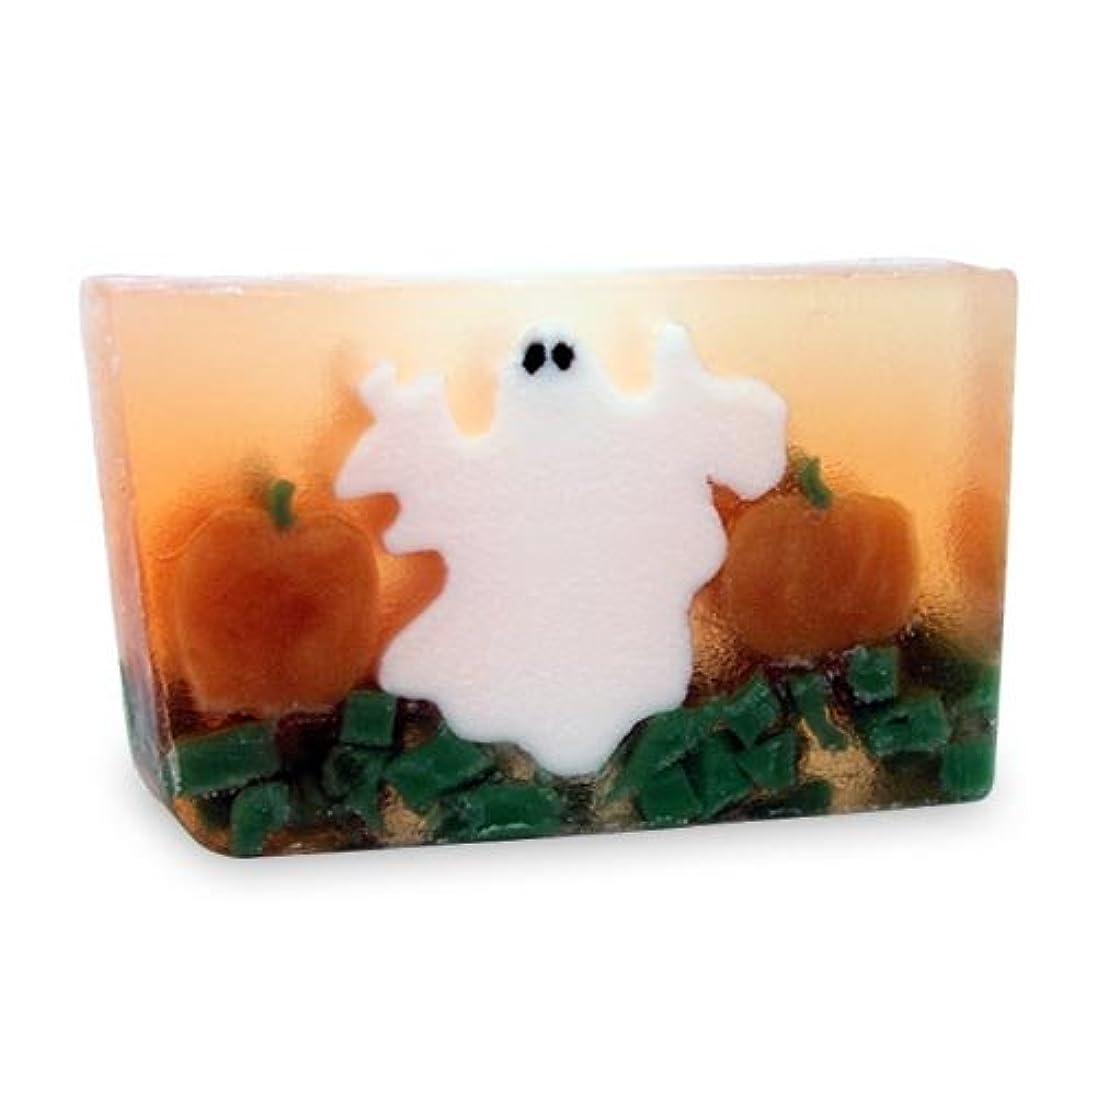 ペインティング苦味ソーセージプライモールエレメンツ アロマティック ソープ ゴースト 180g ハロウィンにおすすめ植物性のナチュラル石鹸